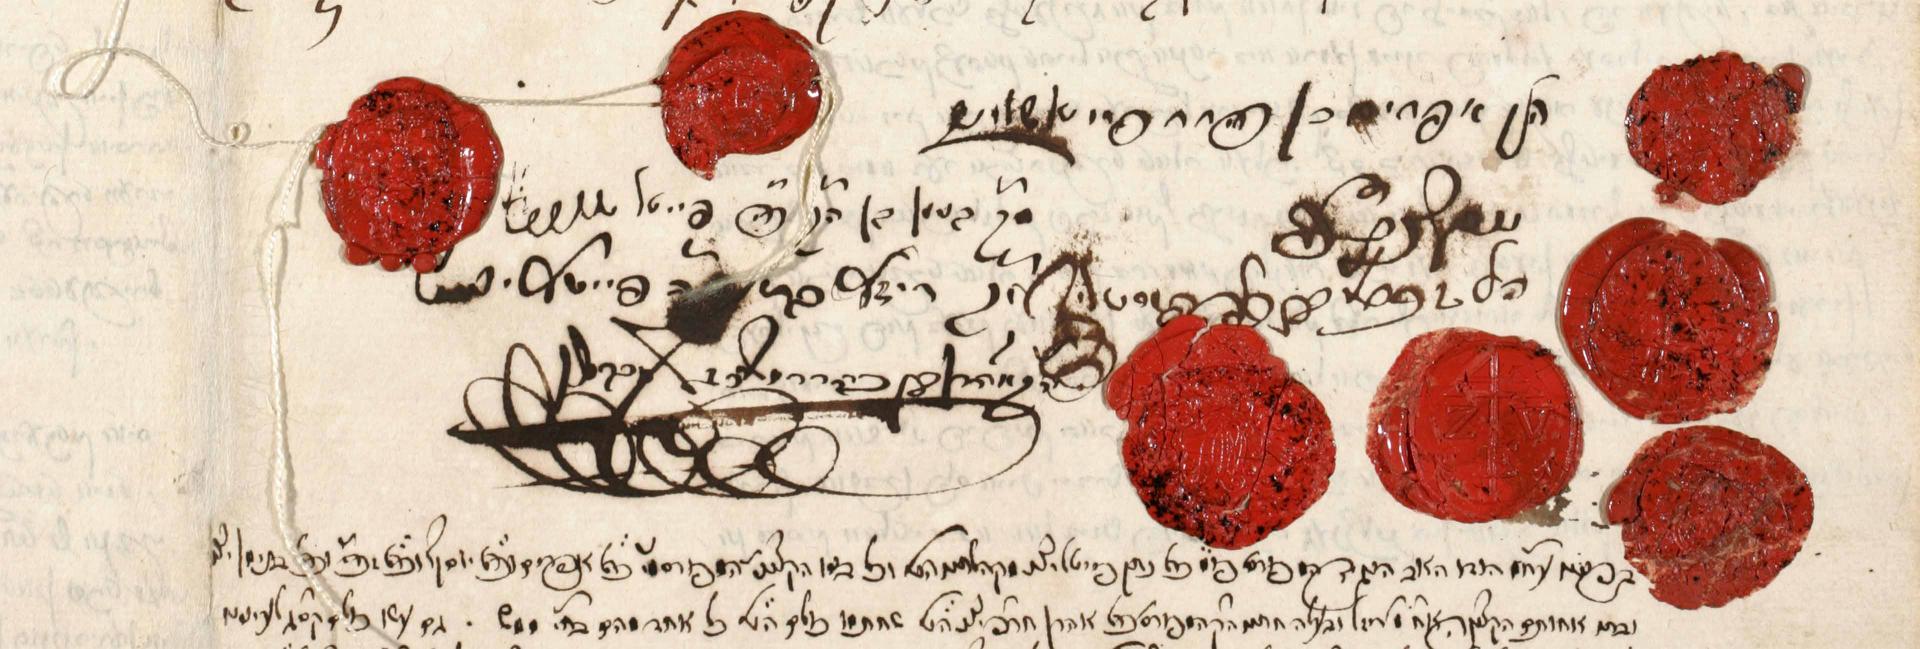 Ausschnitt aus dem handschriftlichen Testament von Veitel Heine Ephraim mit sieben roten Siegeln